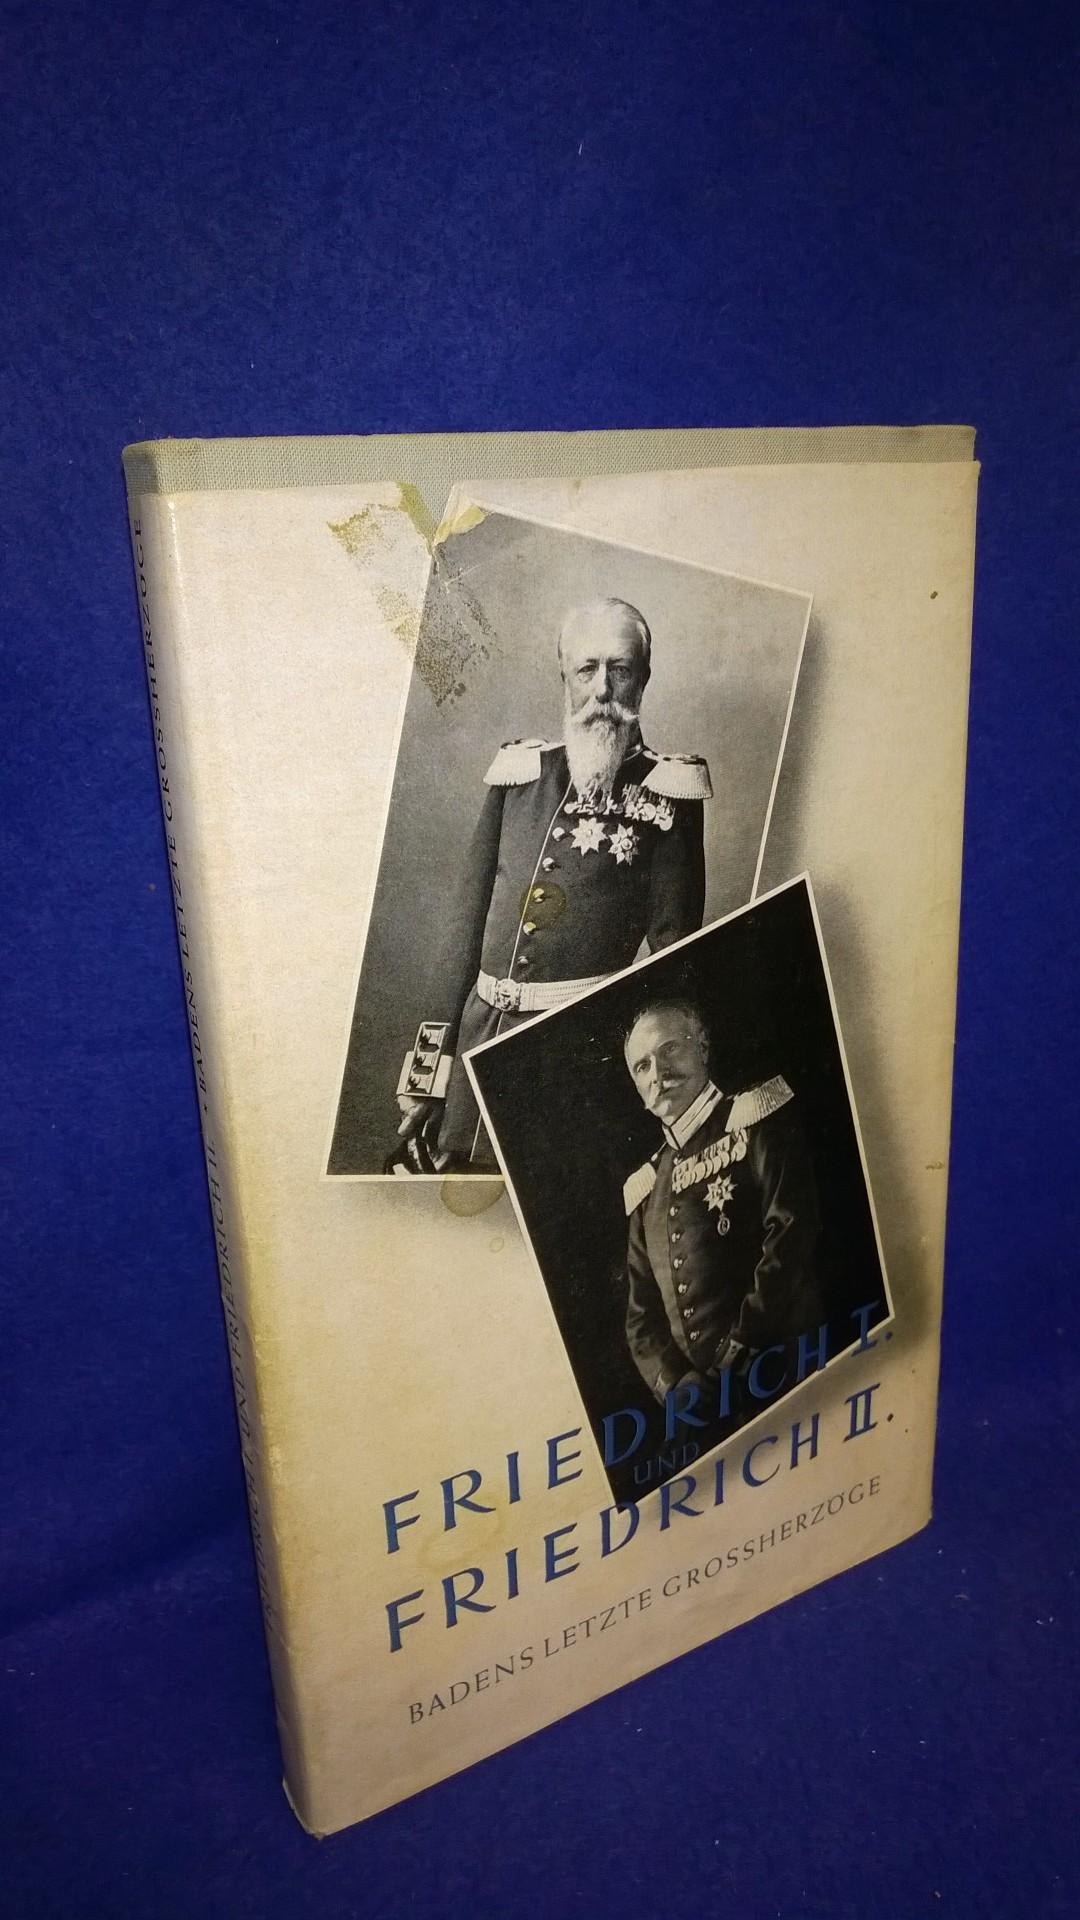 Friedrich I. und Friedrich II. Die letzten Grossherzöge von Baden. Ein Gedenkbuch zum 25. Todestag Friedrich II.